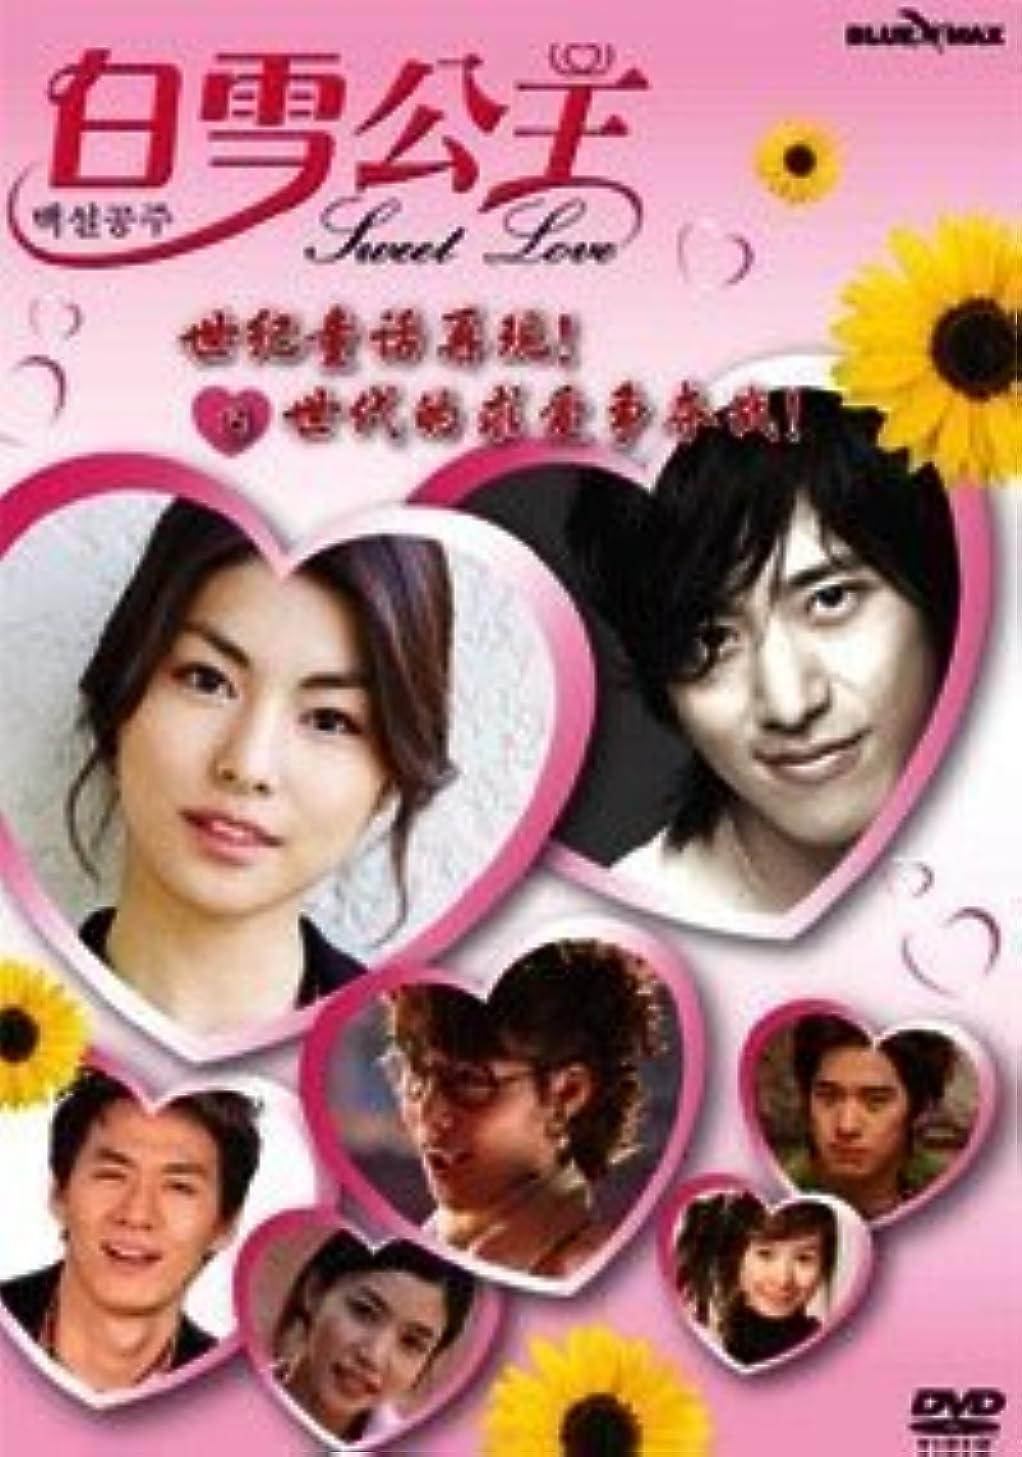 補償ストレージウィザードSweet Love / Snow White Korean Tv Series English Sub (4 Dvds)